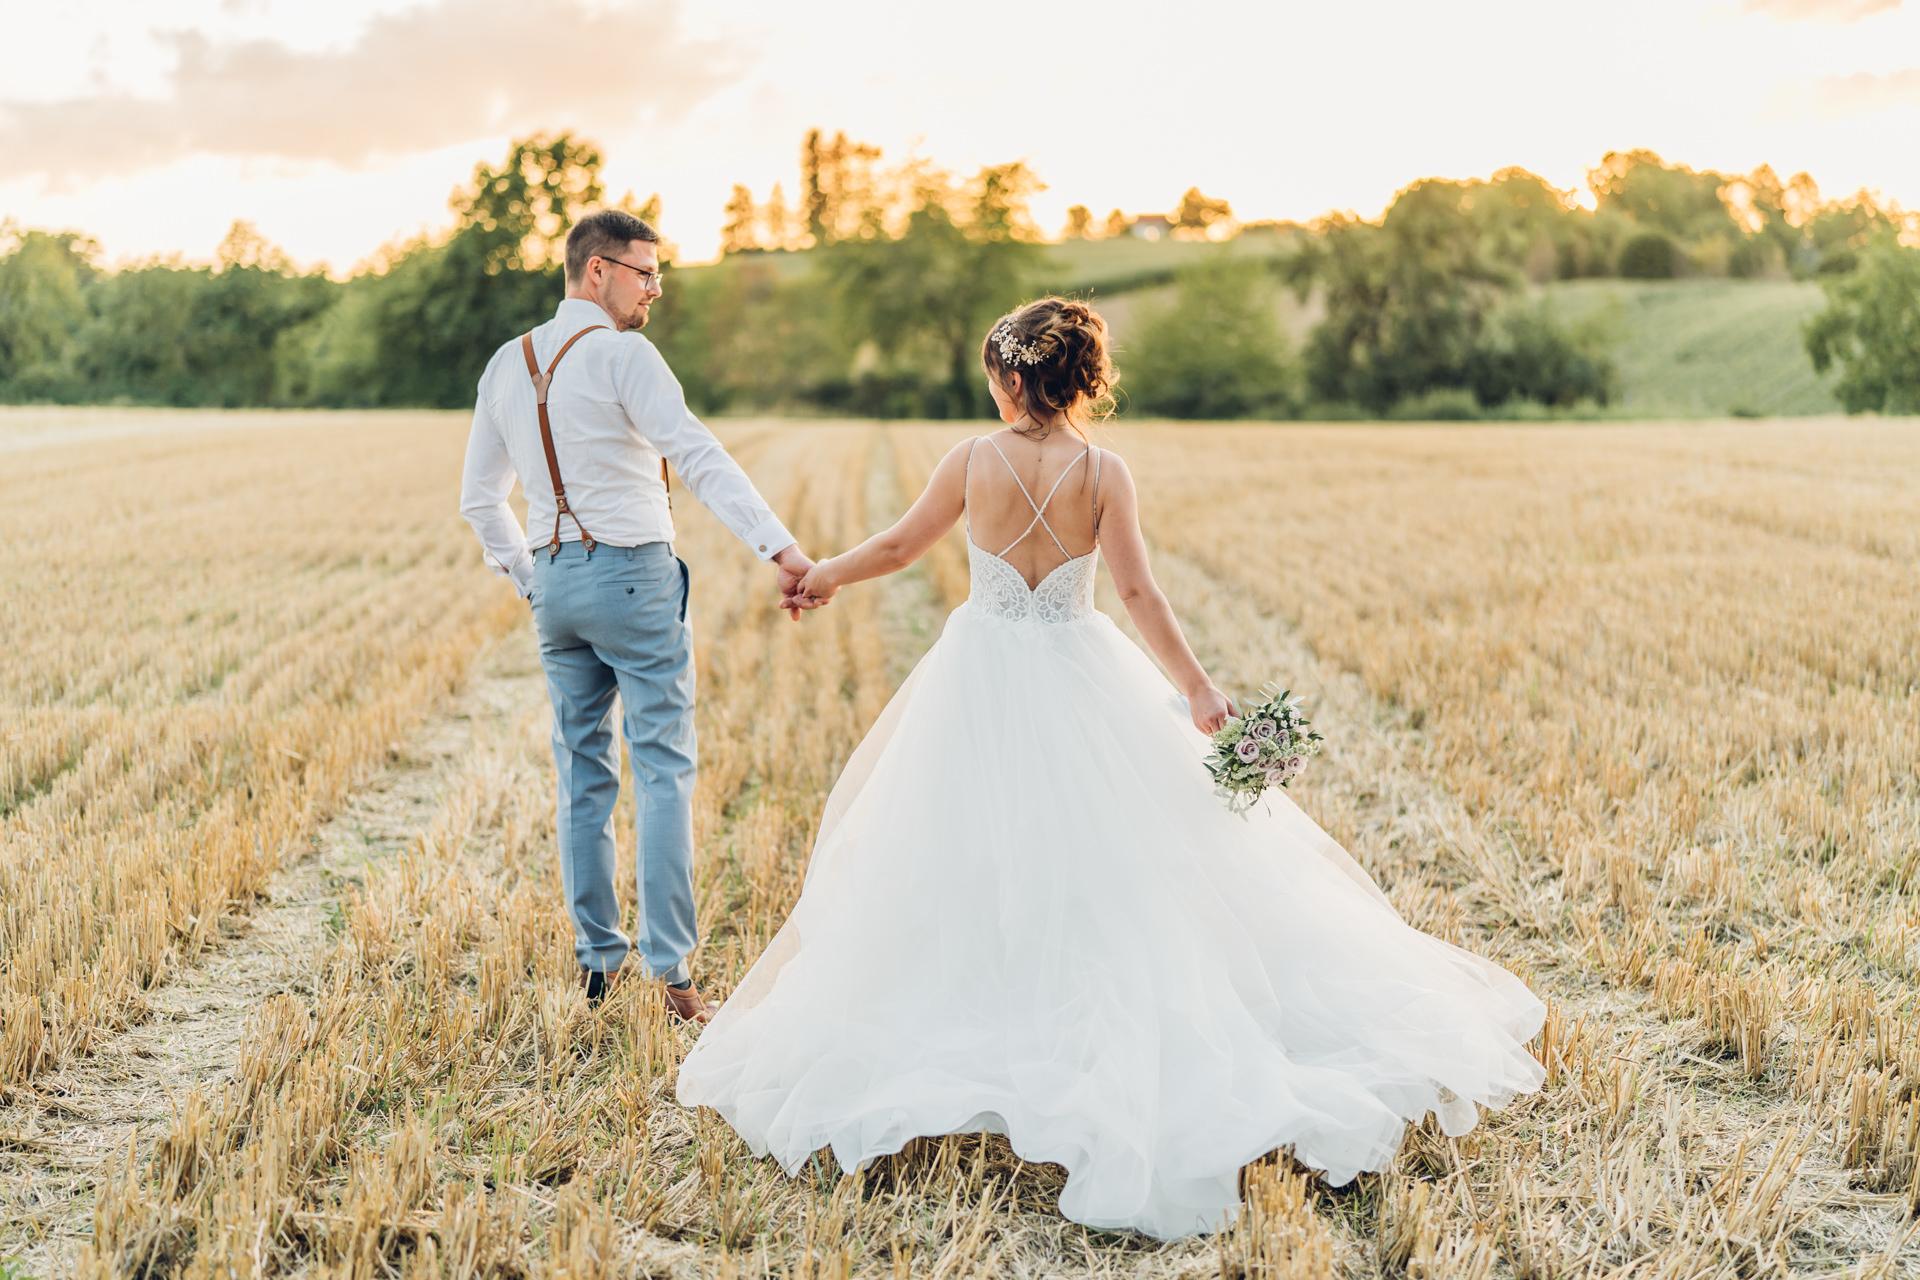 Hochzeitsfoto von einem Brautpaar bei der Burg Schwarzenstein. Braut und Bräutigam gehen Hand in Hand Richtung Sonnenuntergang